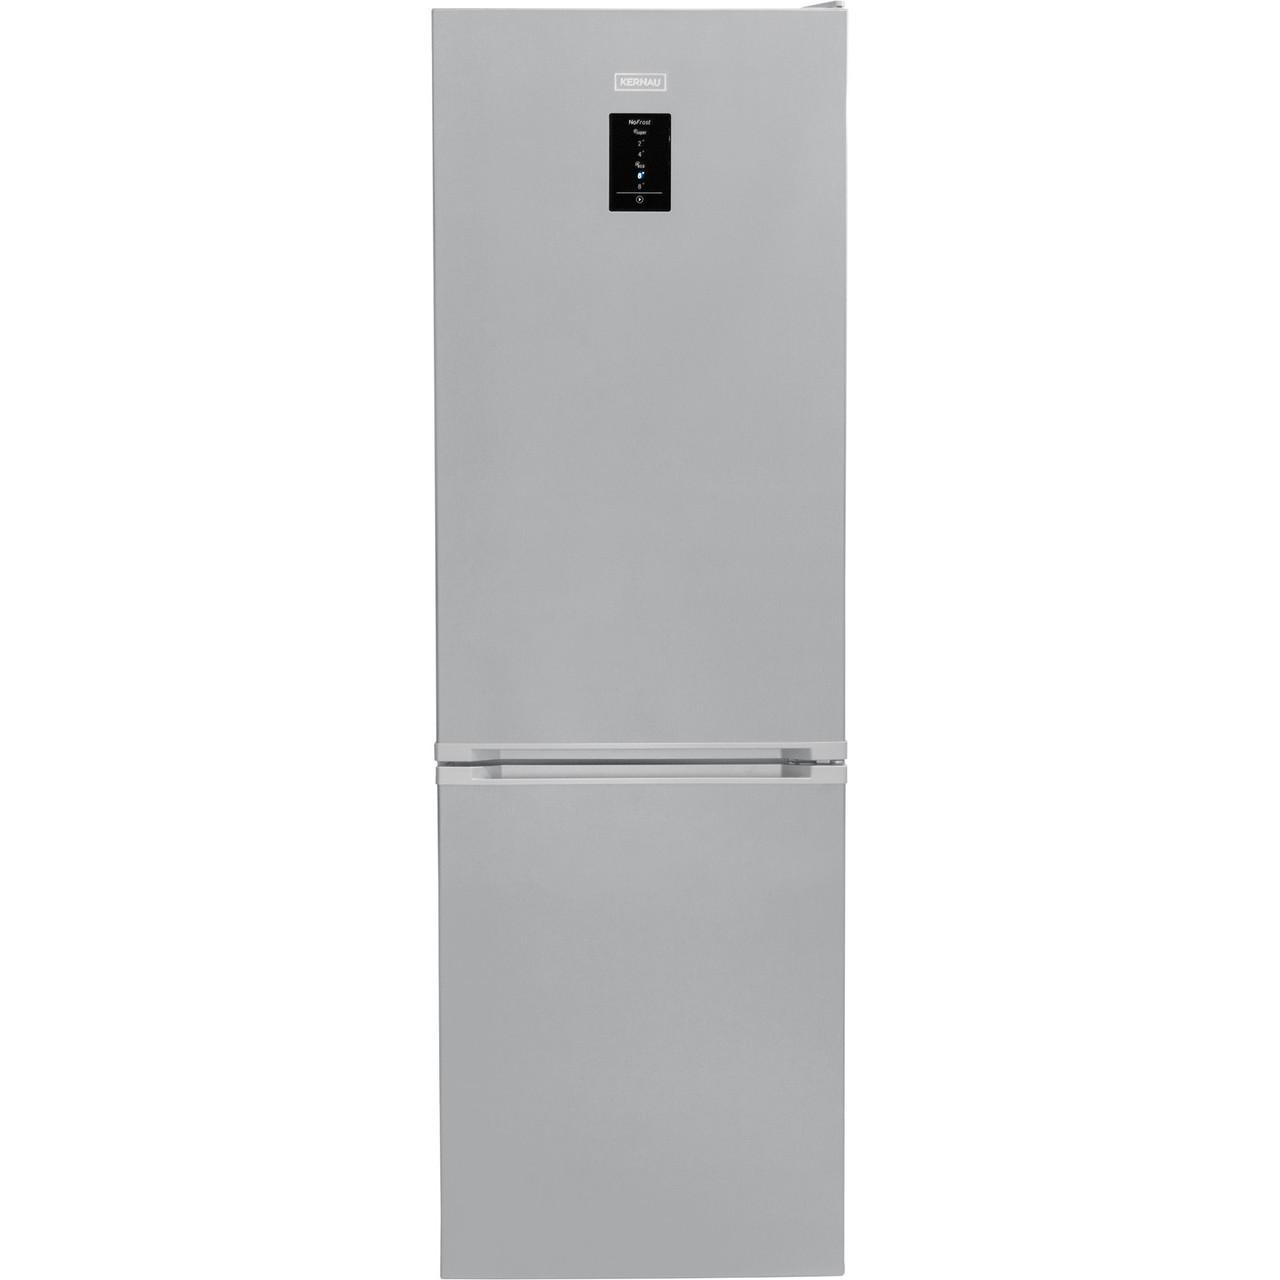 Двухкамерный холодильник Kernau KFRC 18262 NF E IX